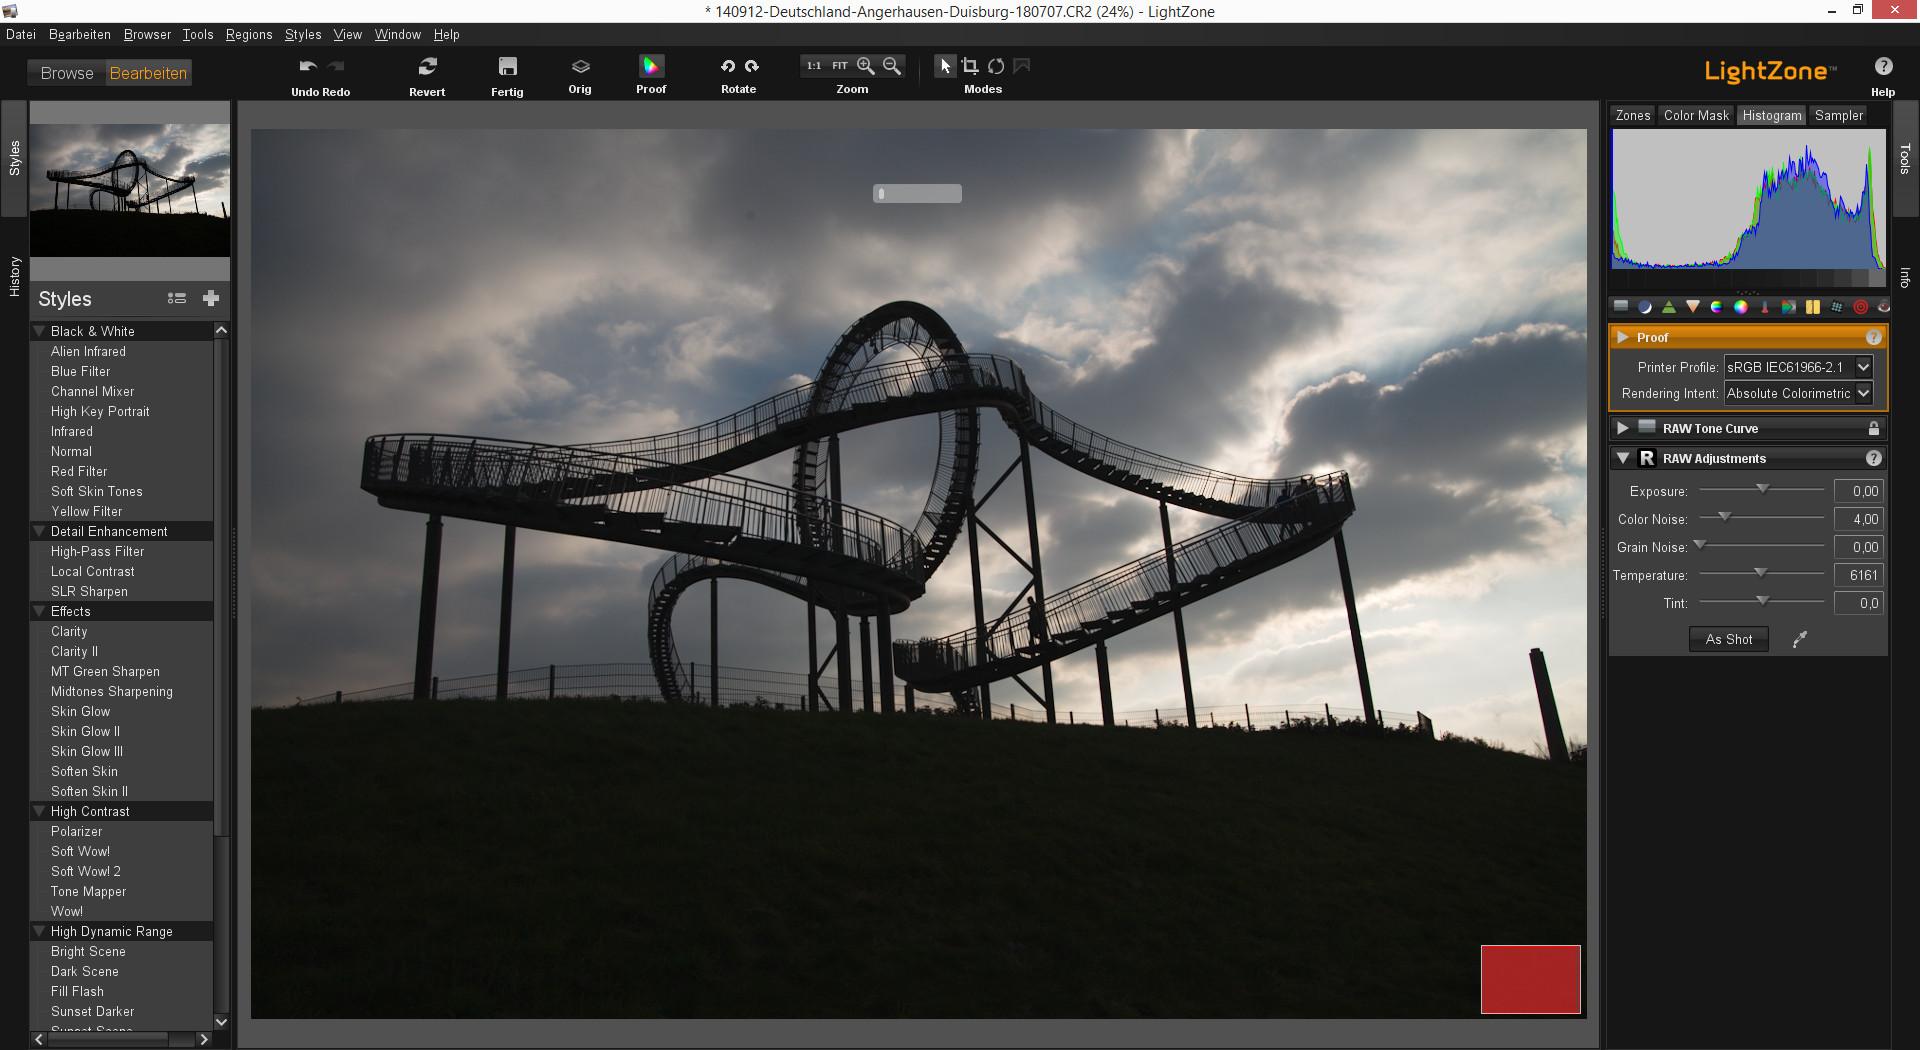 Lightzone 4.1 released